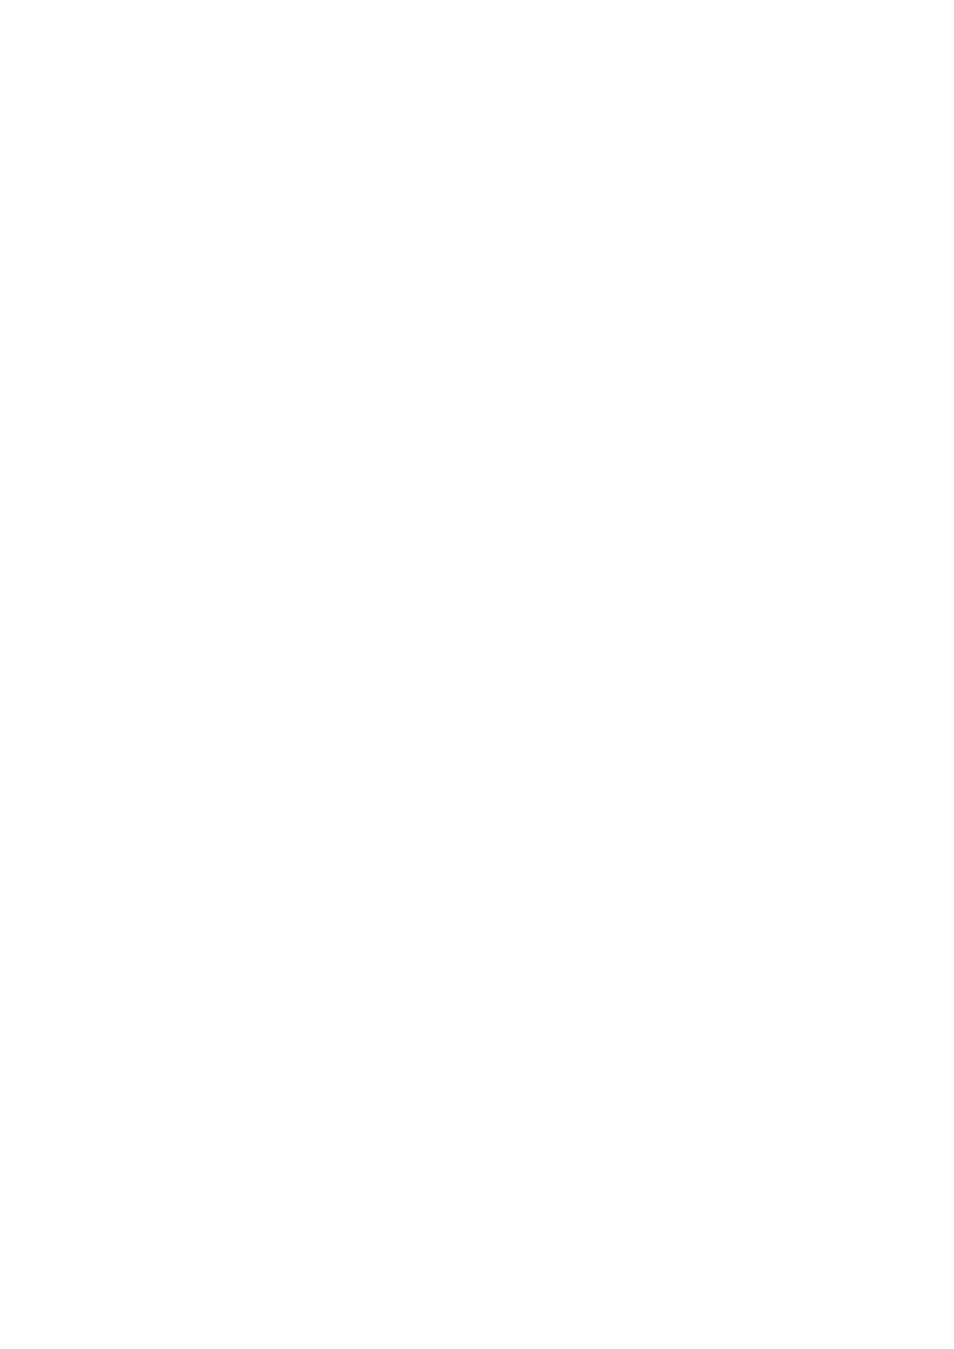 ... Array - furuno service manual fr 2825 rh emailcanvas com br